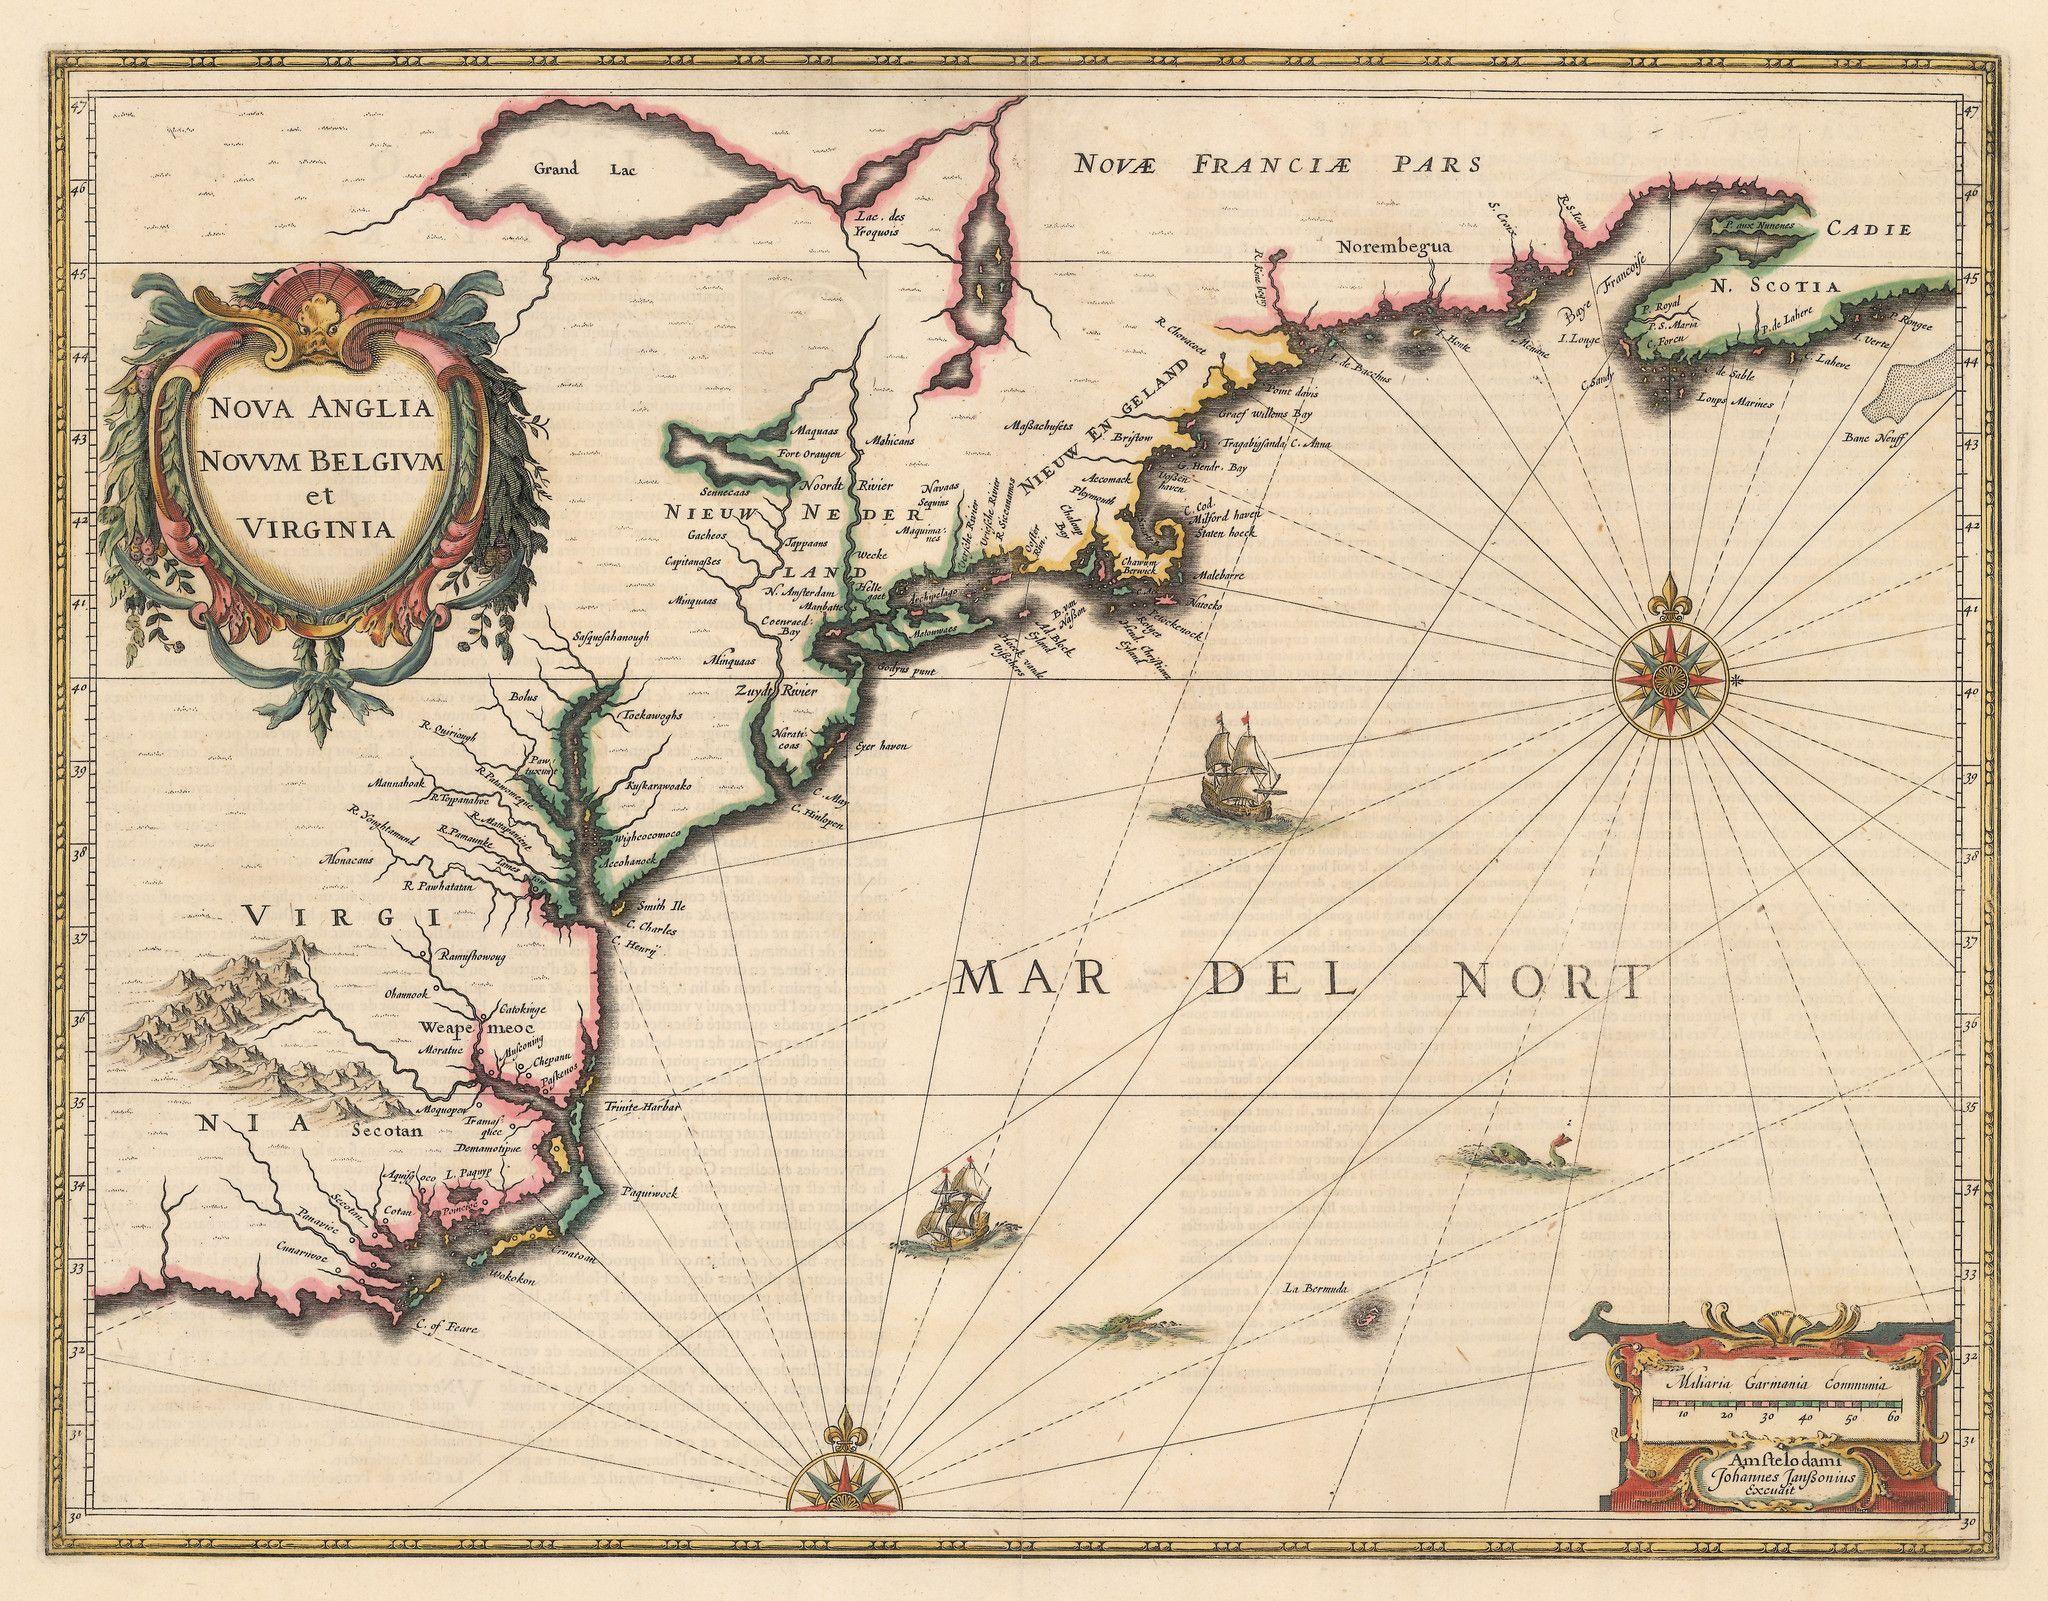 1636 Nova Anglia Novum Belgium et Virginia cartes